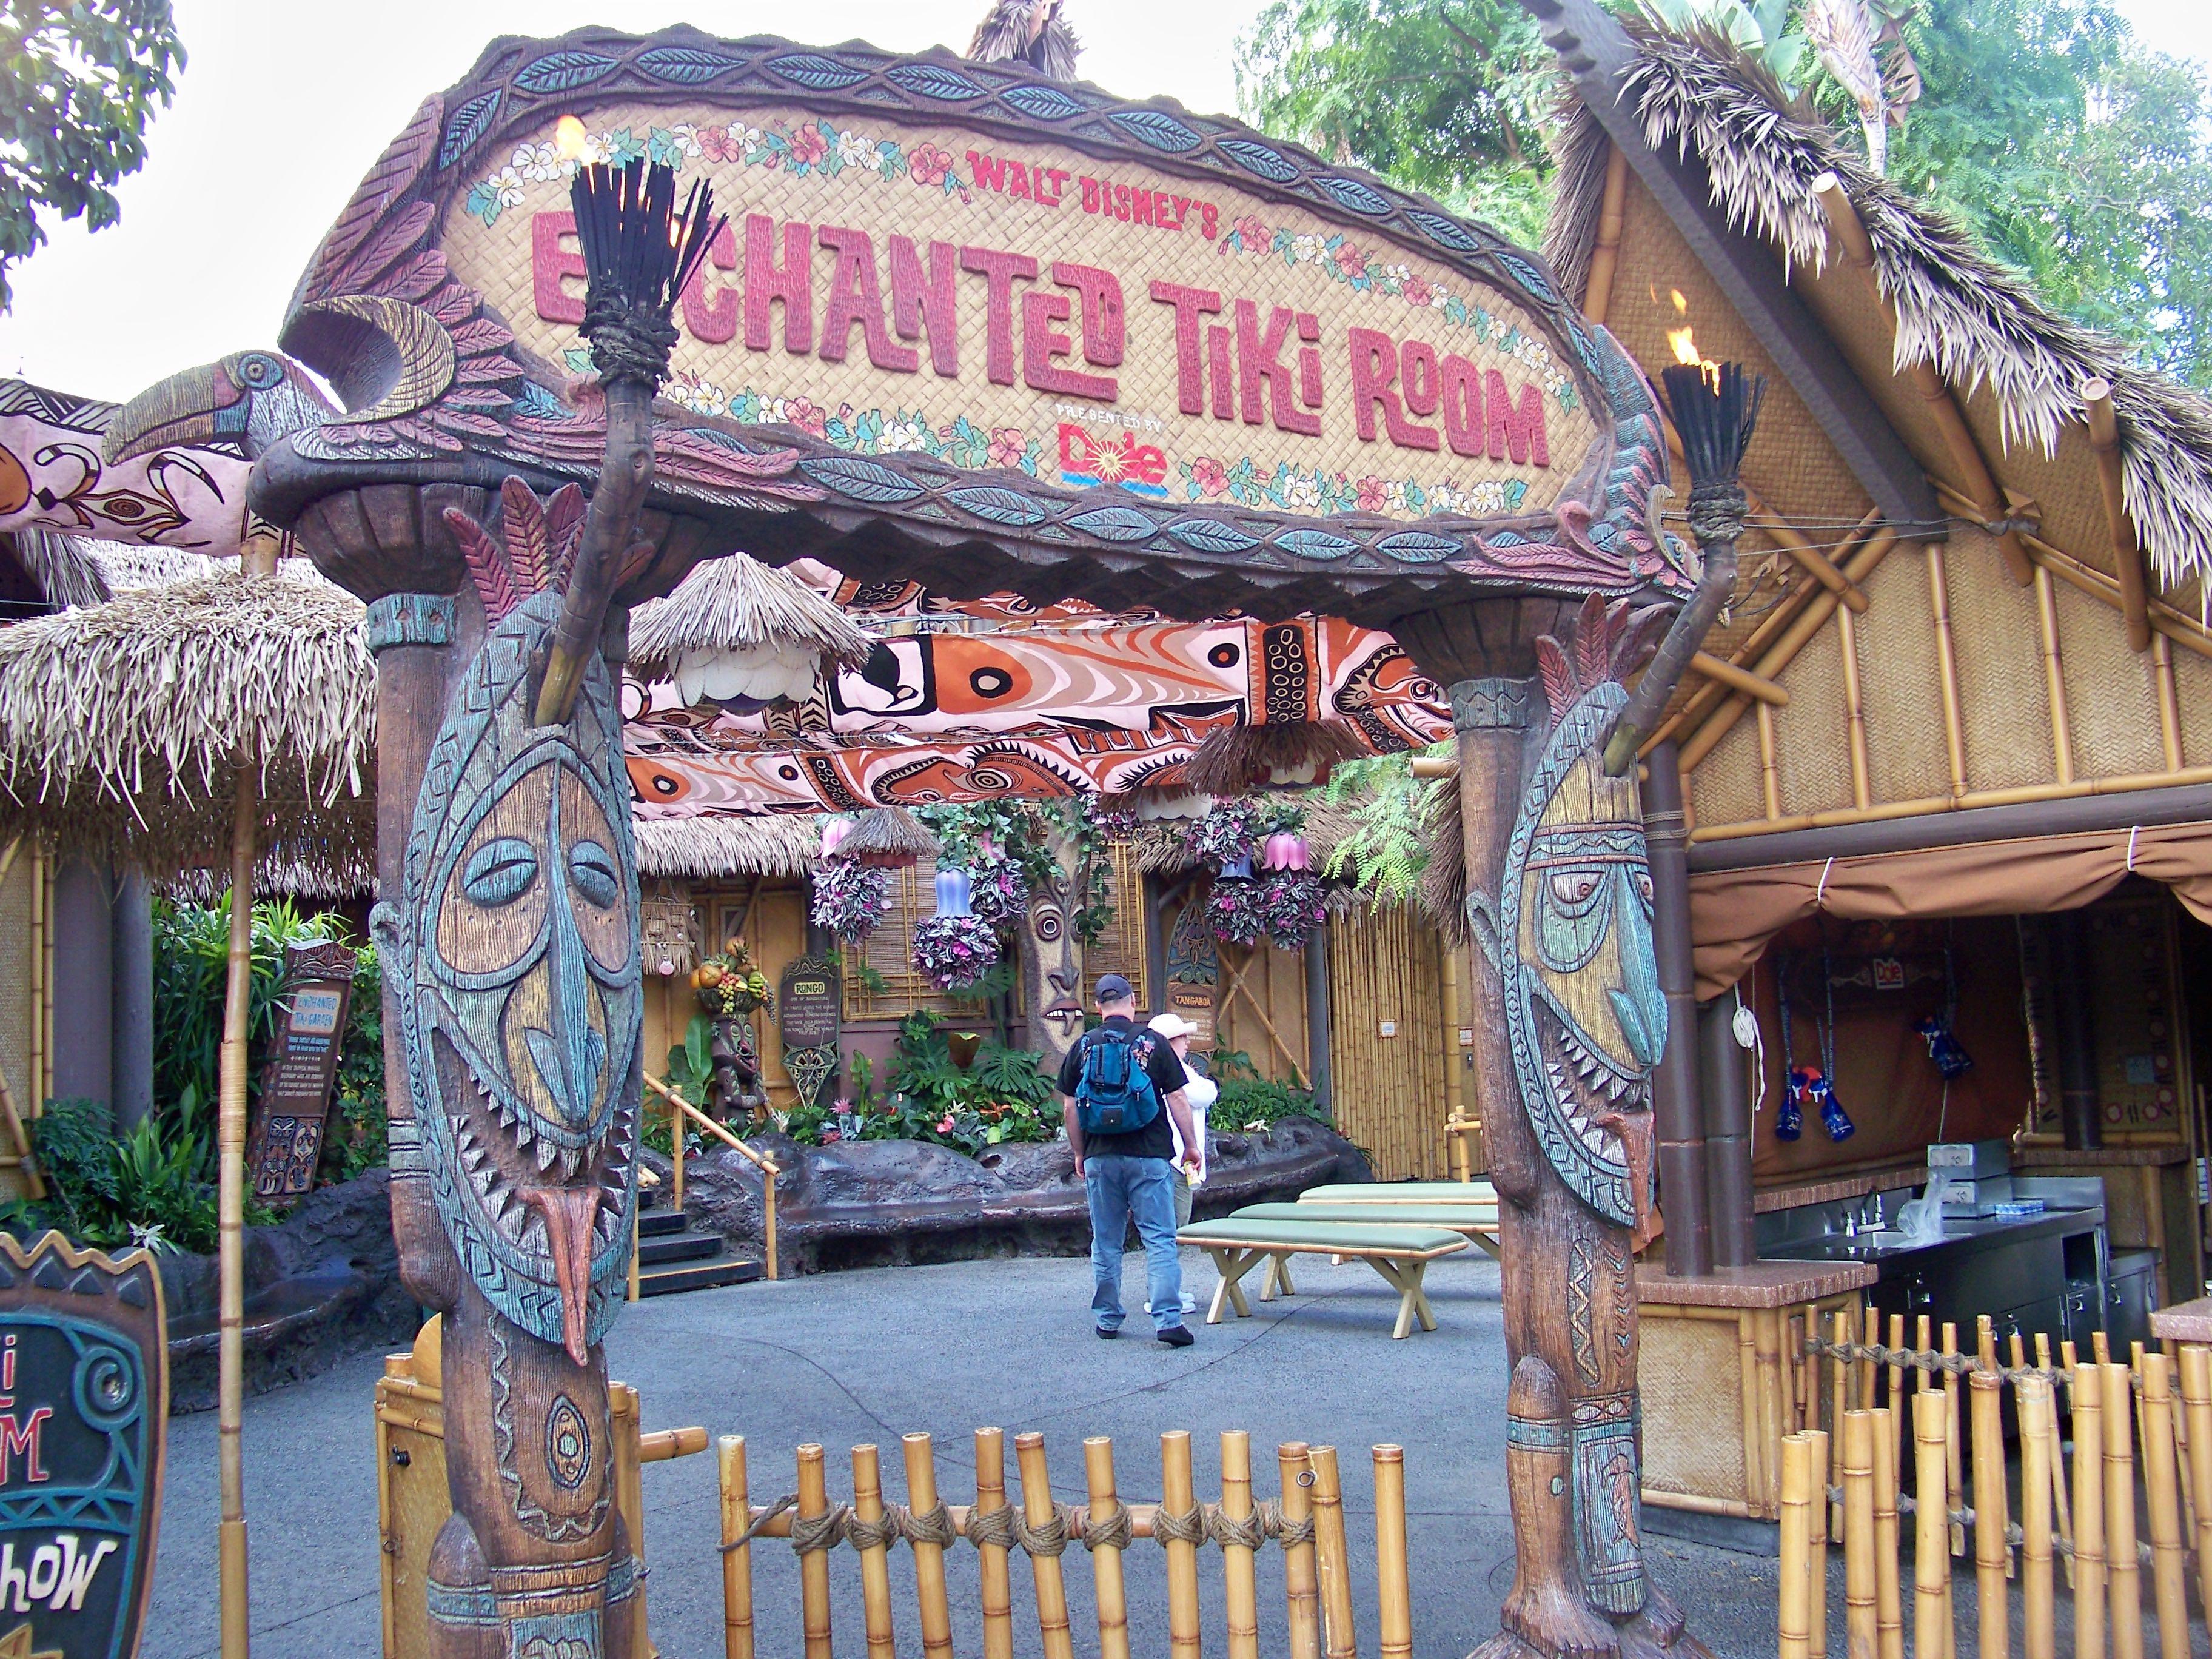 The Enchanted Tiki Room